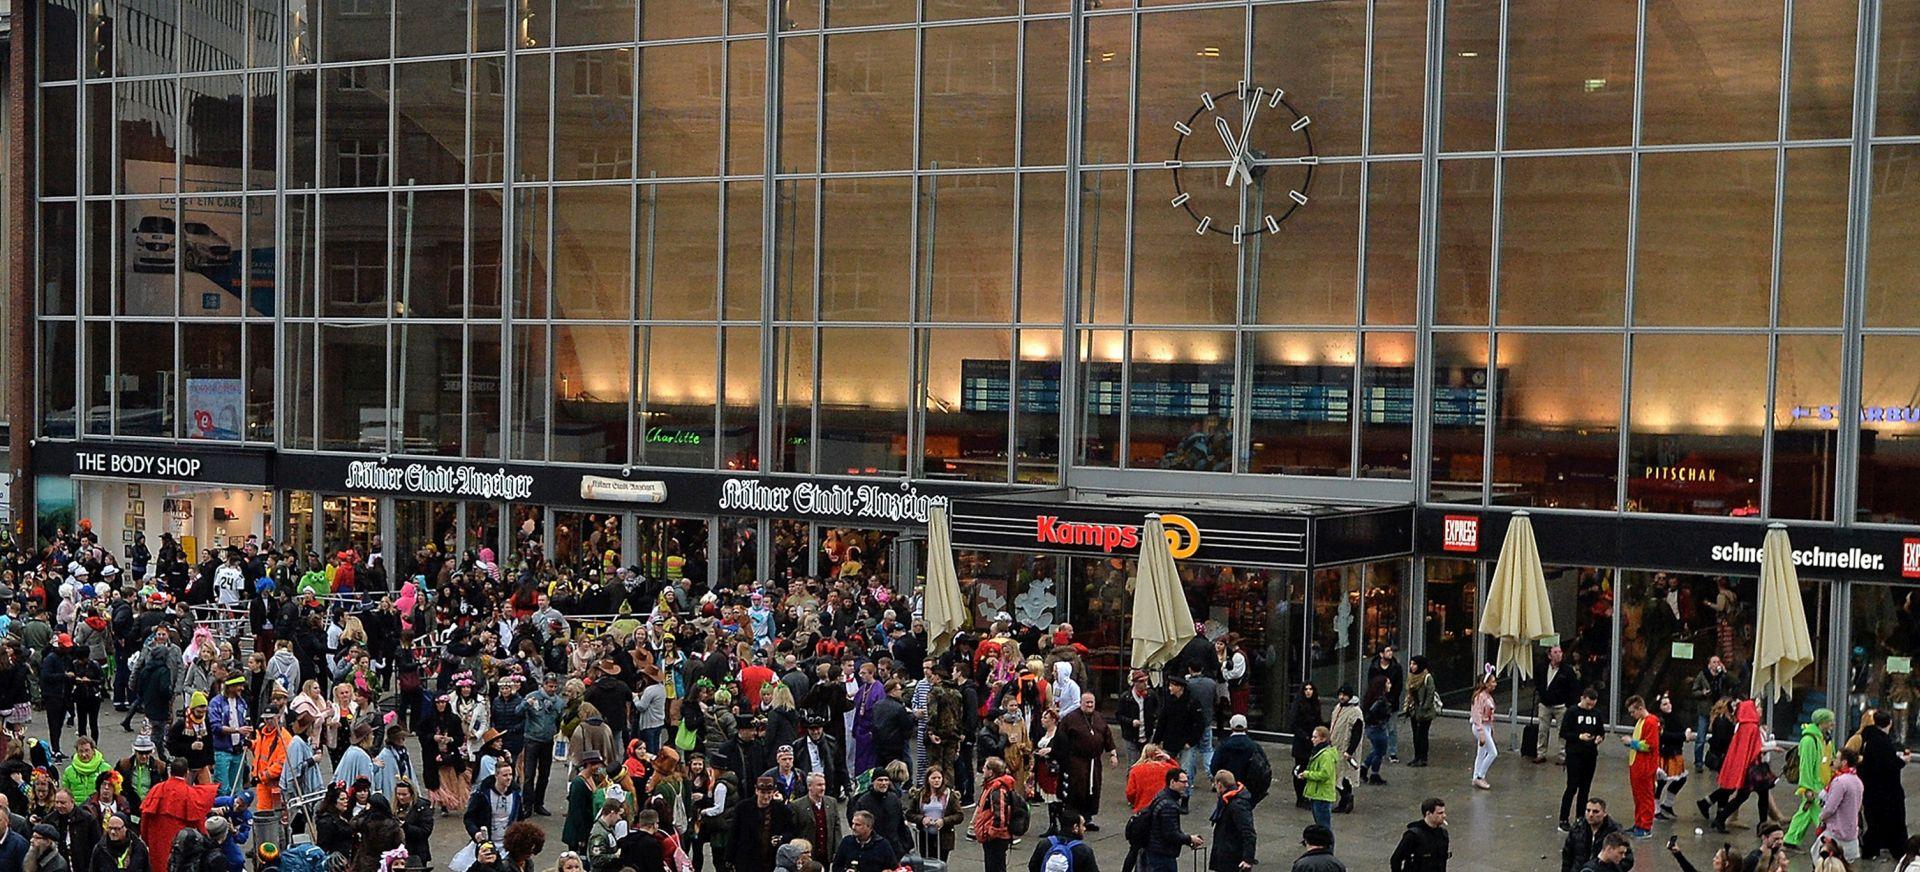 Završena talačka kriza u Kölnu, napadač 'pod kontrolom'